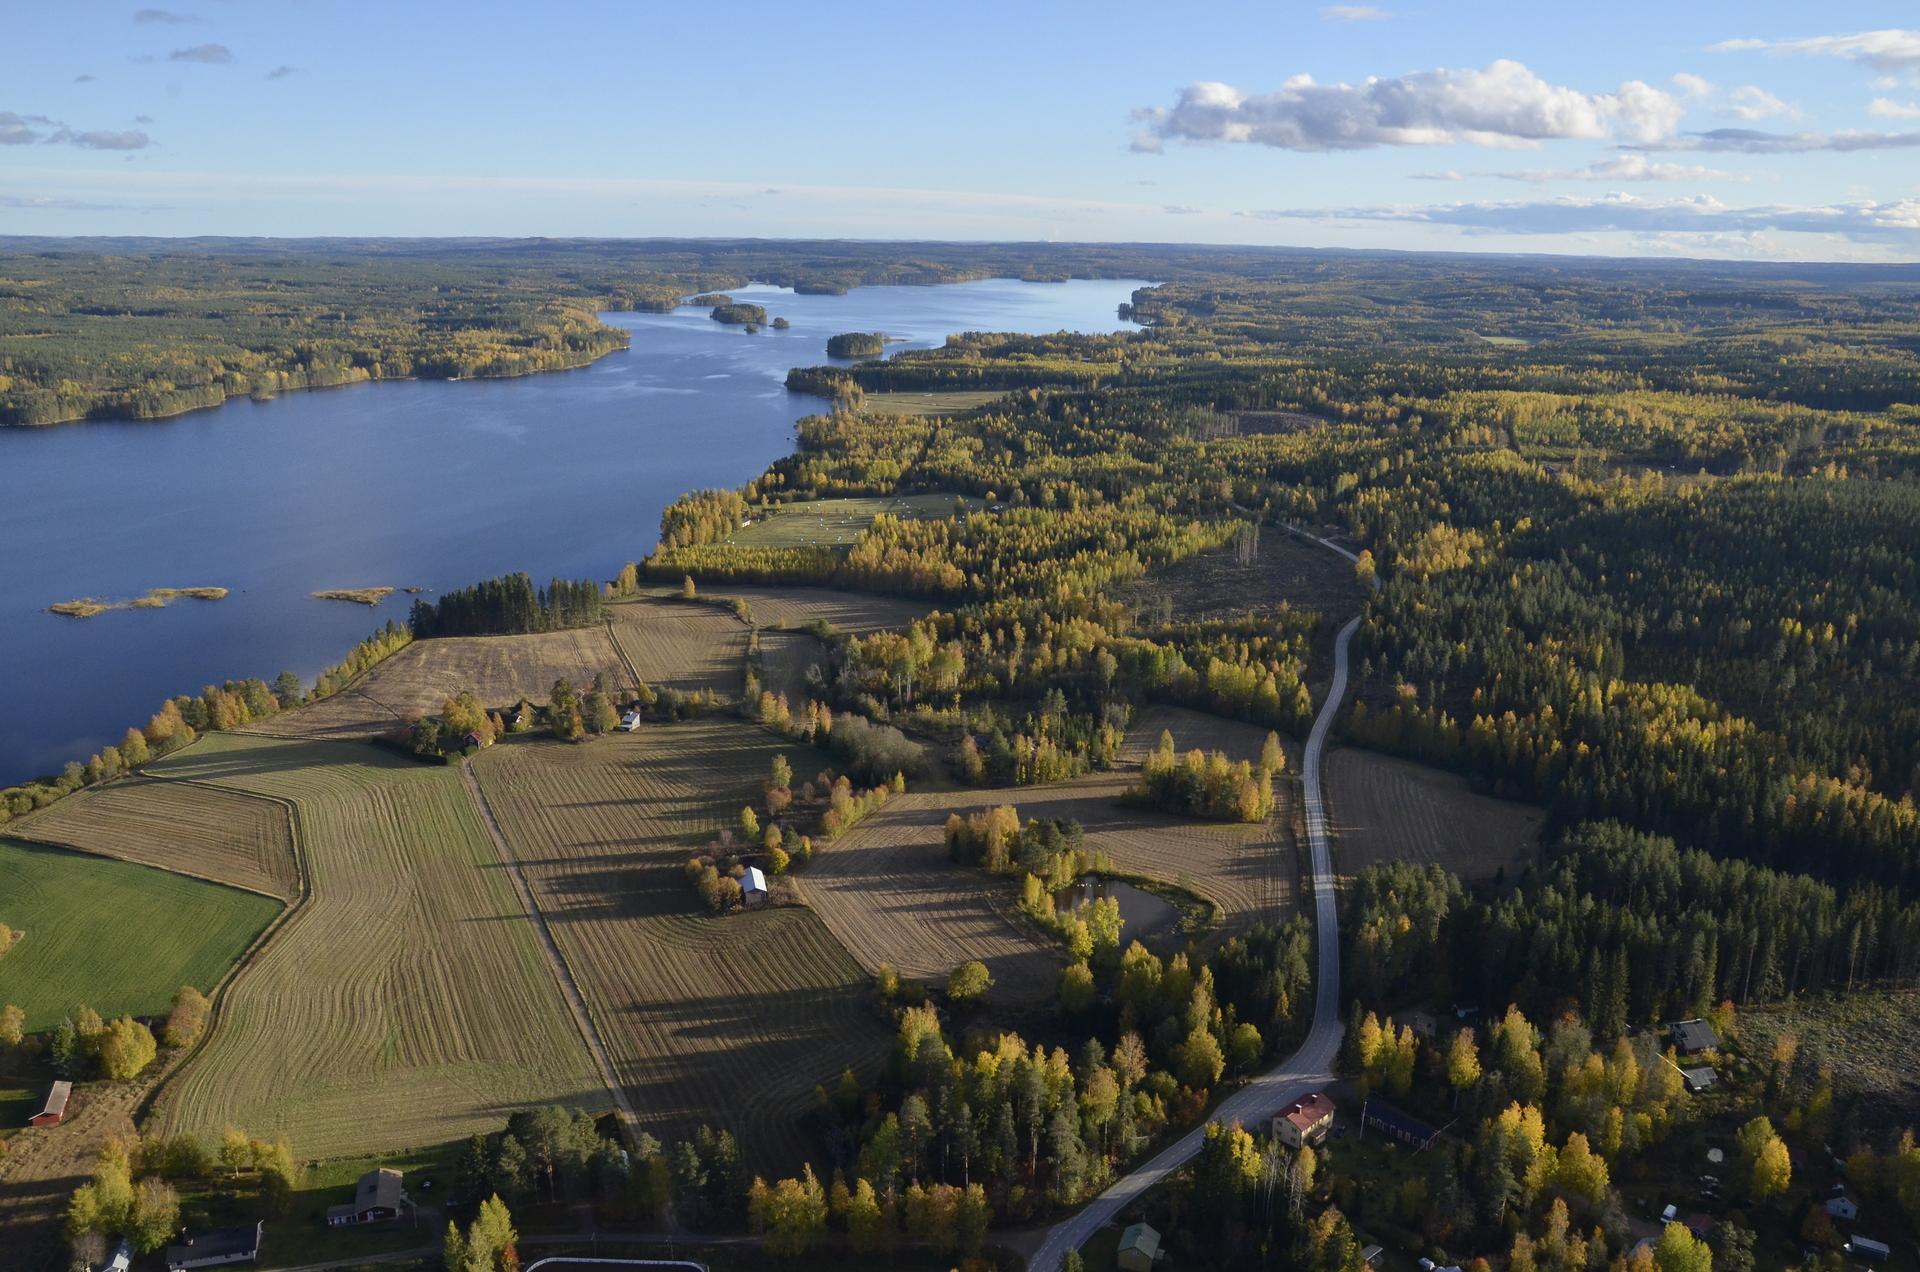 Lanneveden rantuutta seurailevaa tietä pääsee Uuraisille tuonne järven pään ohi.